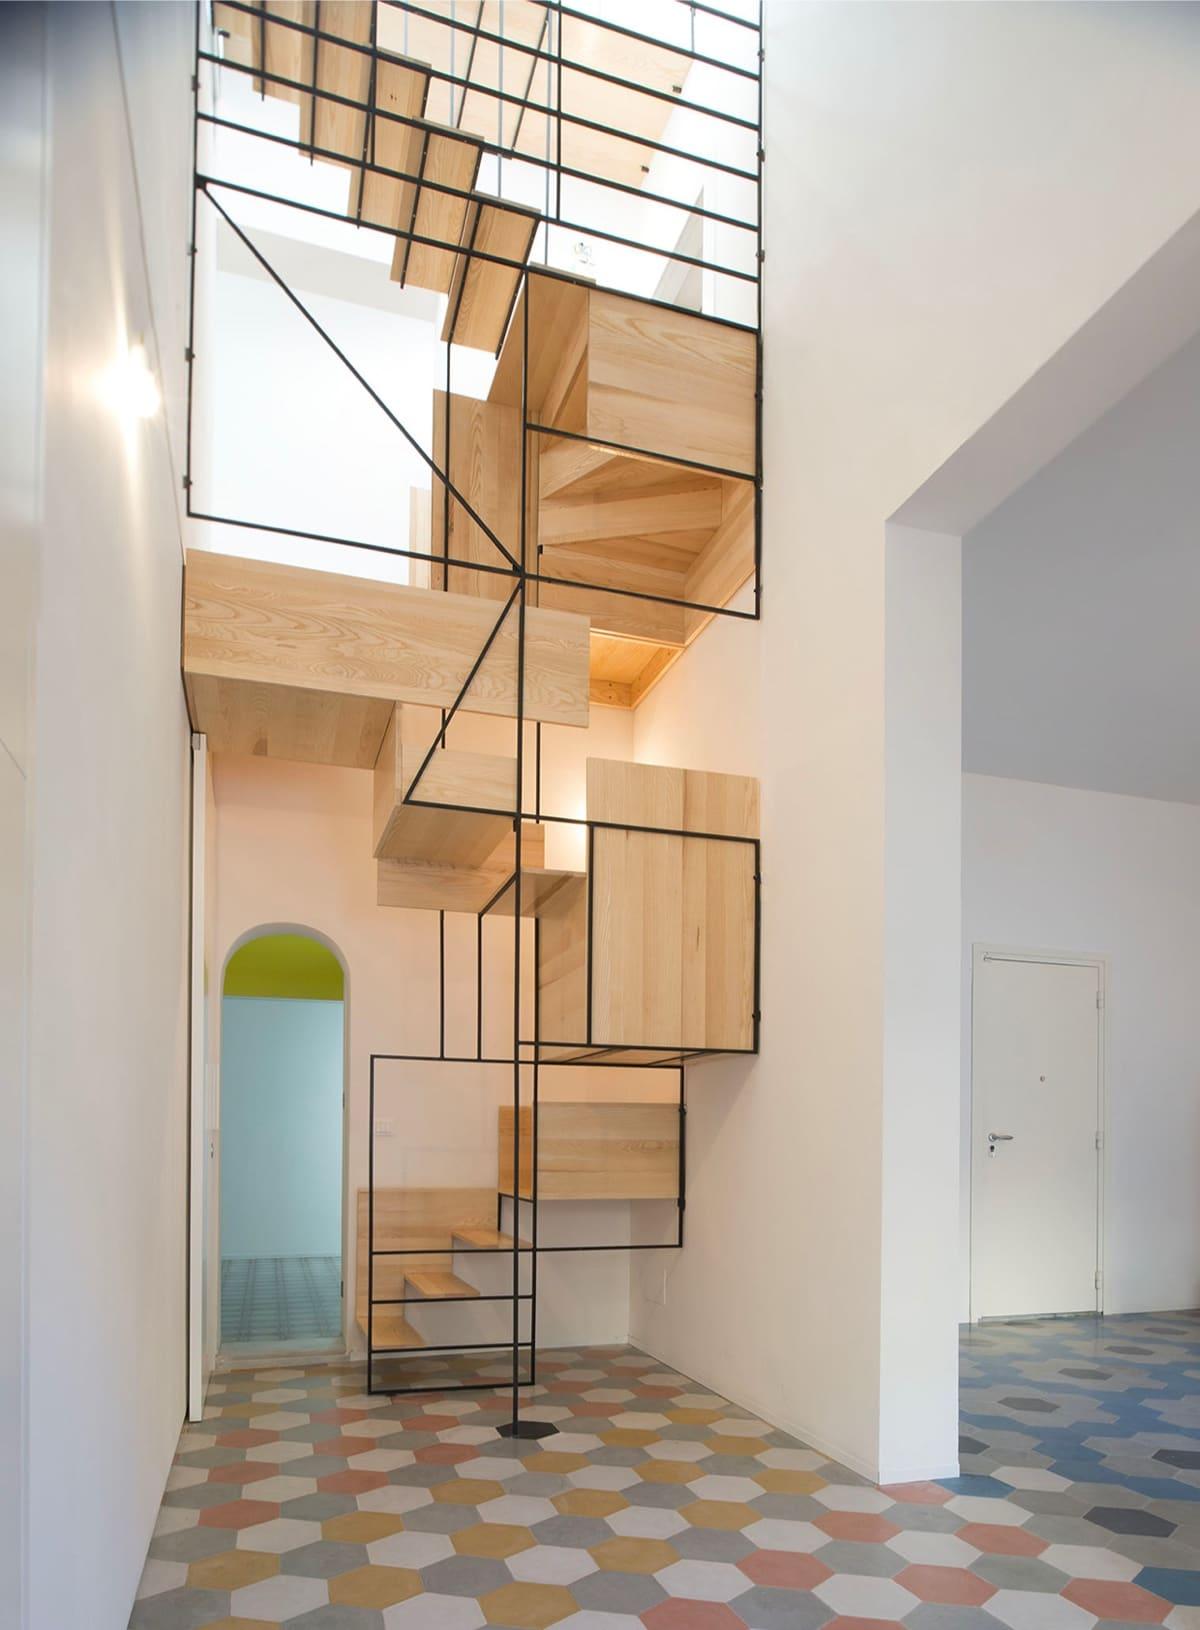 25 id es d 39 escaliers muraux design pour votre int rieur. Black Bedroom Furniture Sets. Home Design Ideas